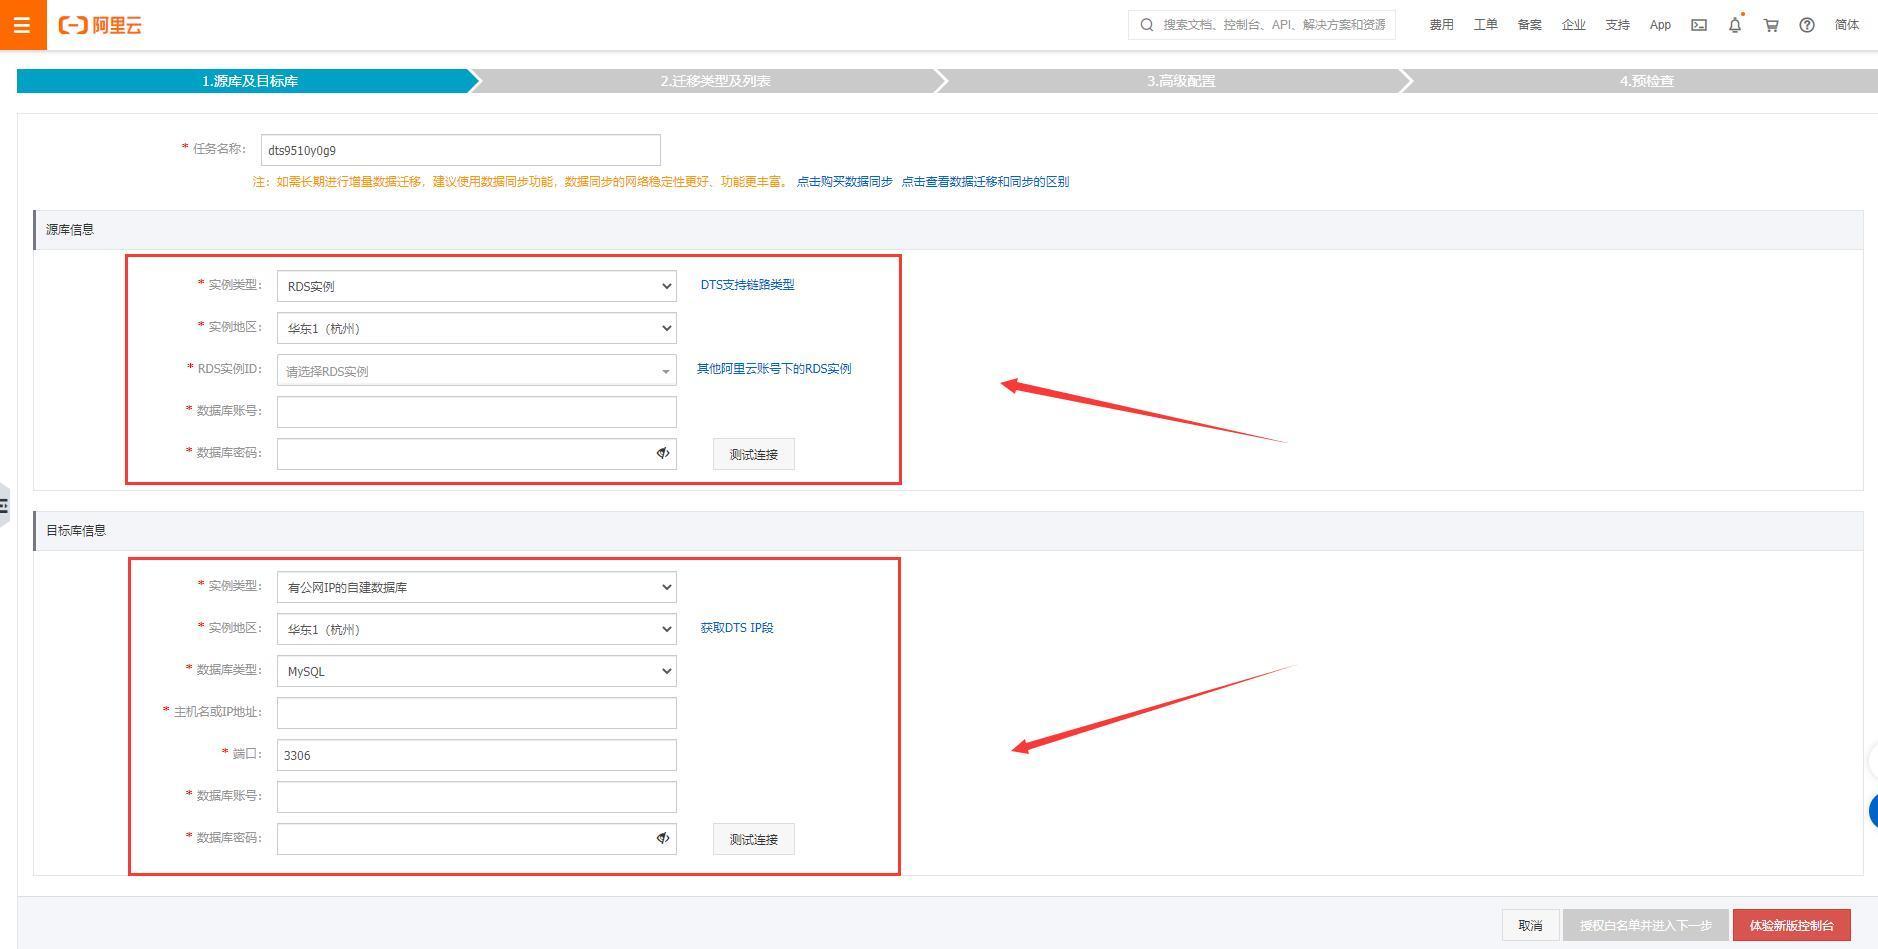 阿里云RDS数据库迁移到服务器自建MySQL数据库插图10